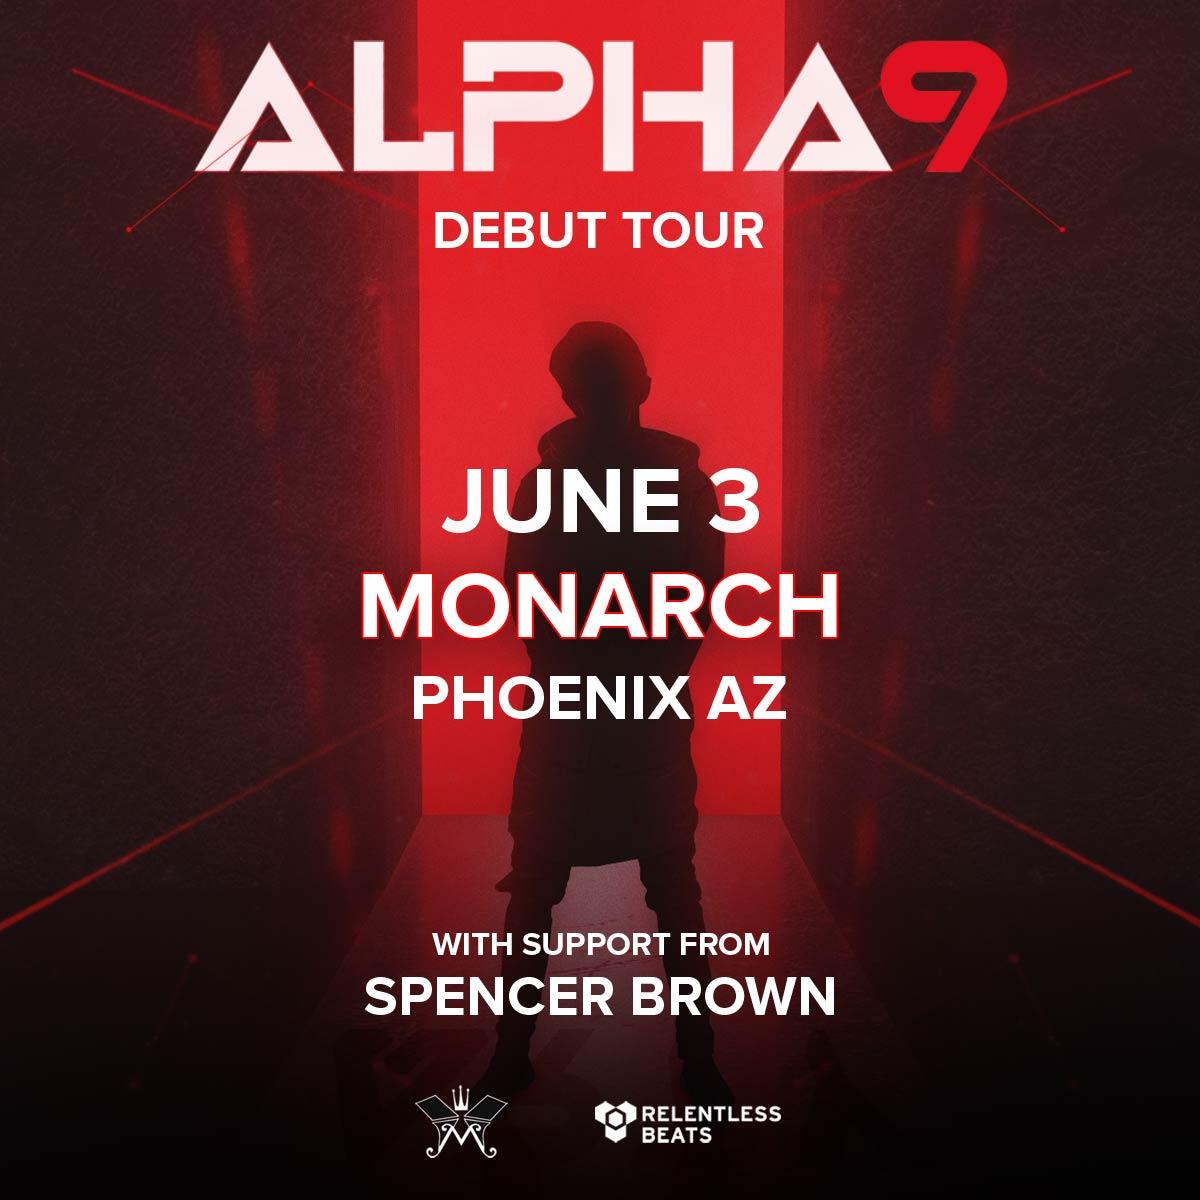 Flyer for Alpha 9